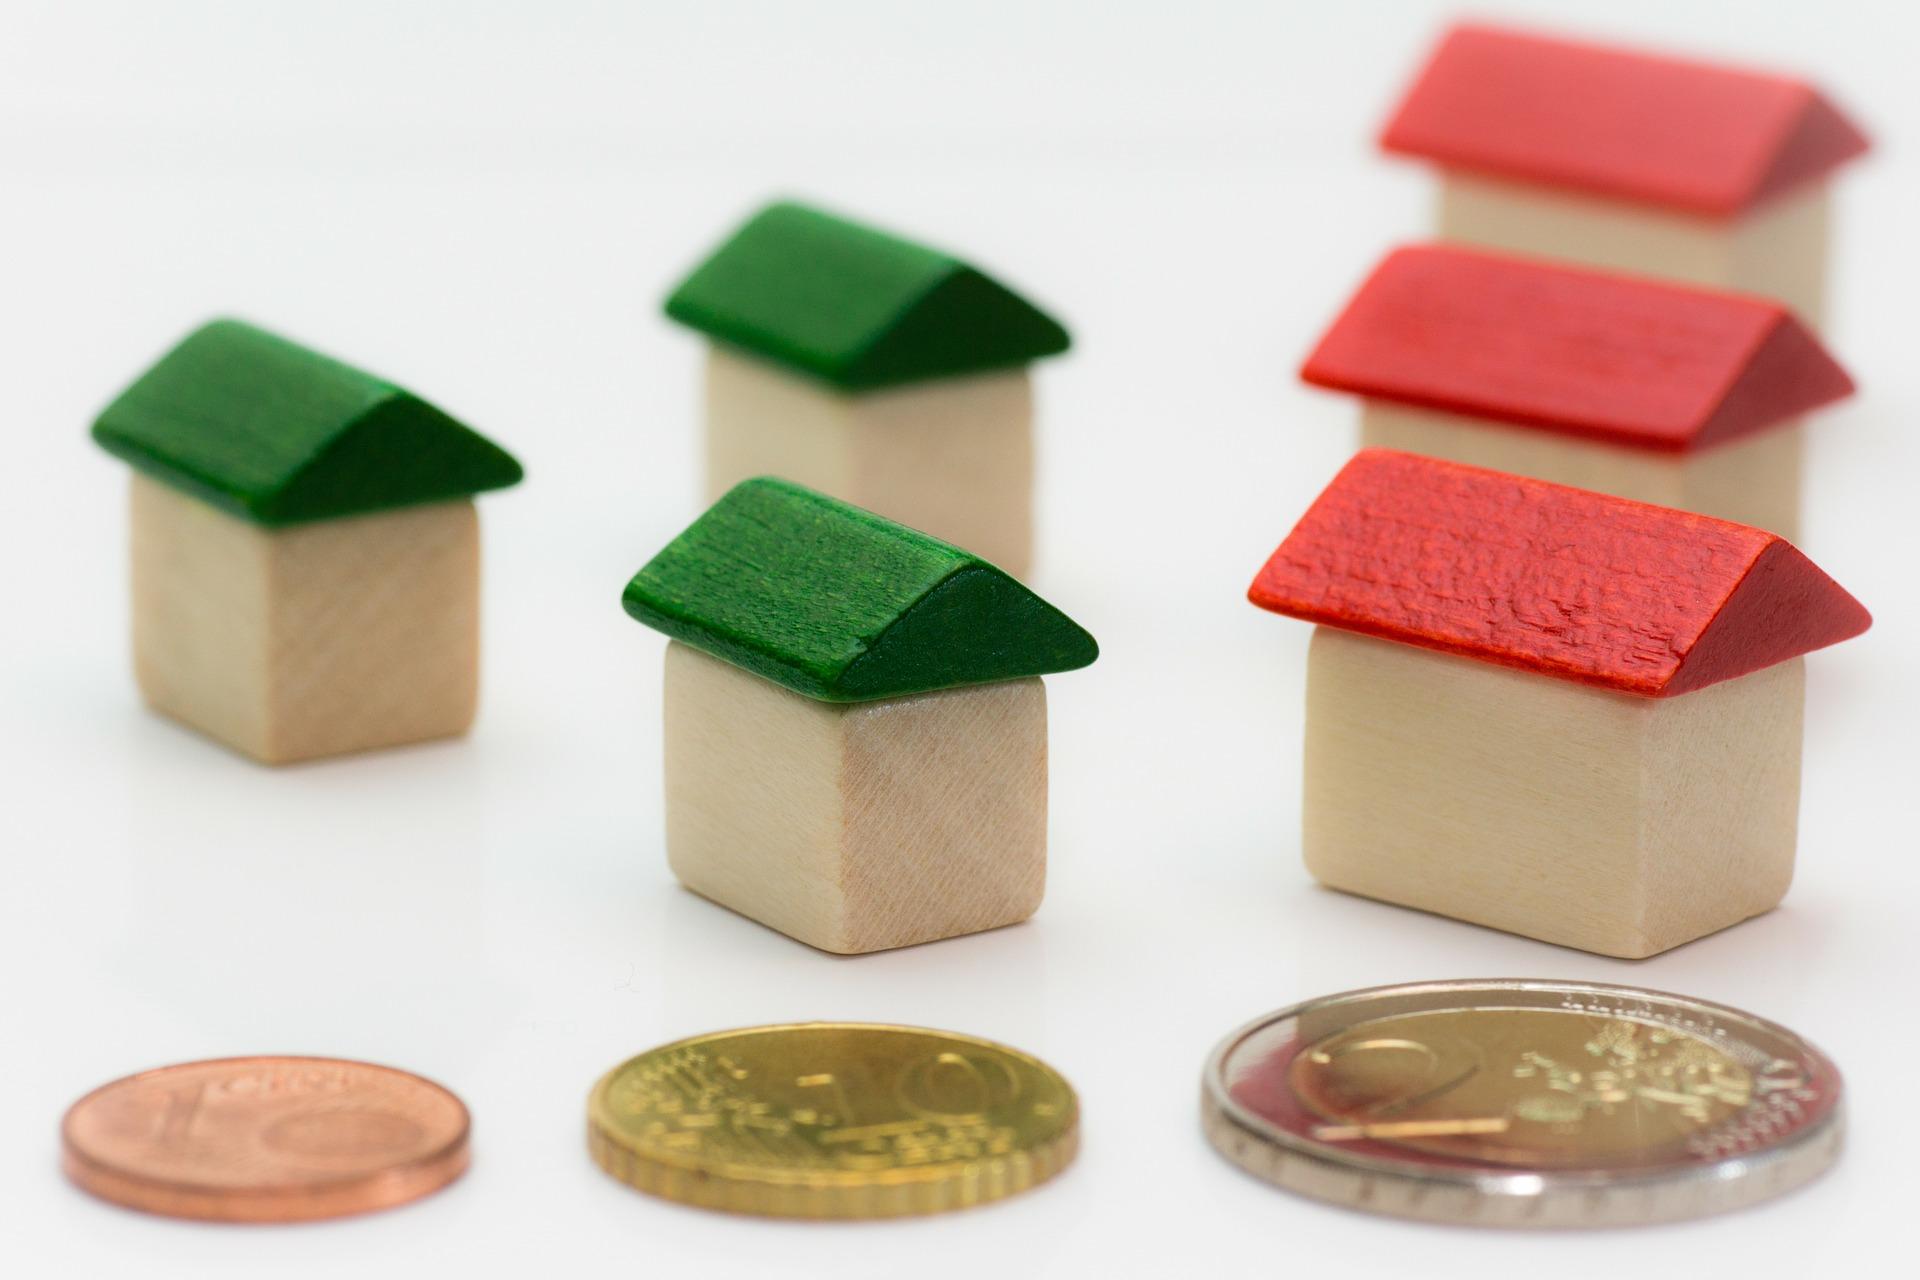 Verhoging hypotheekrente door corona